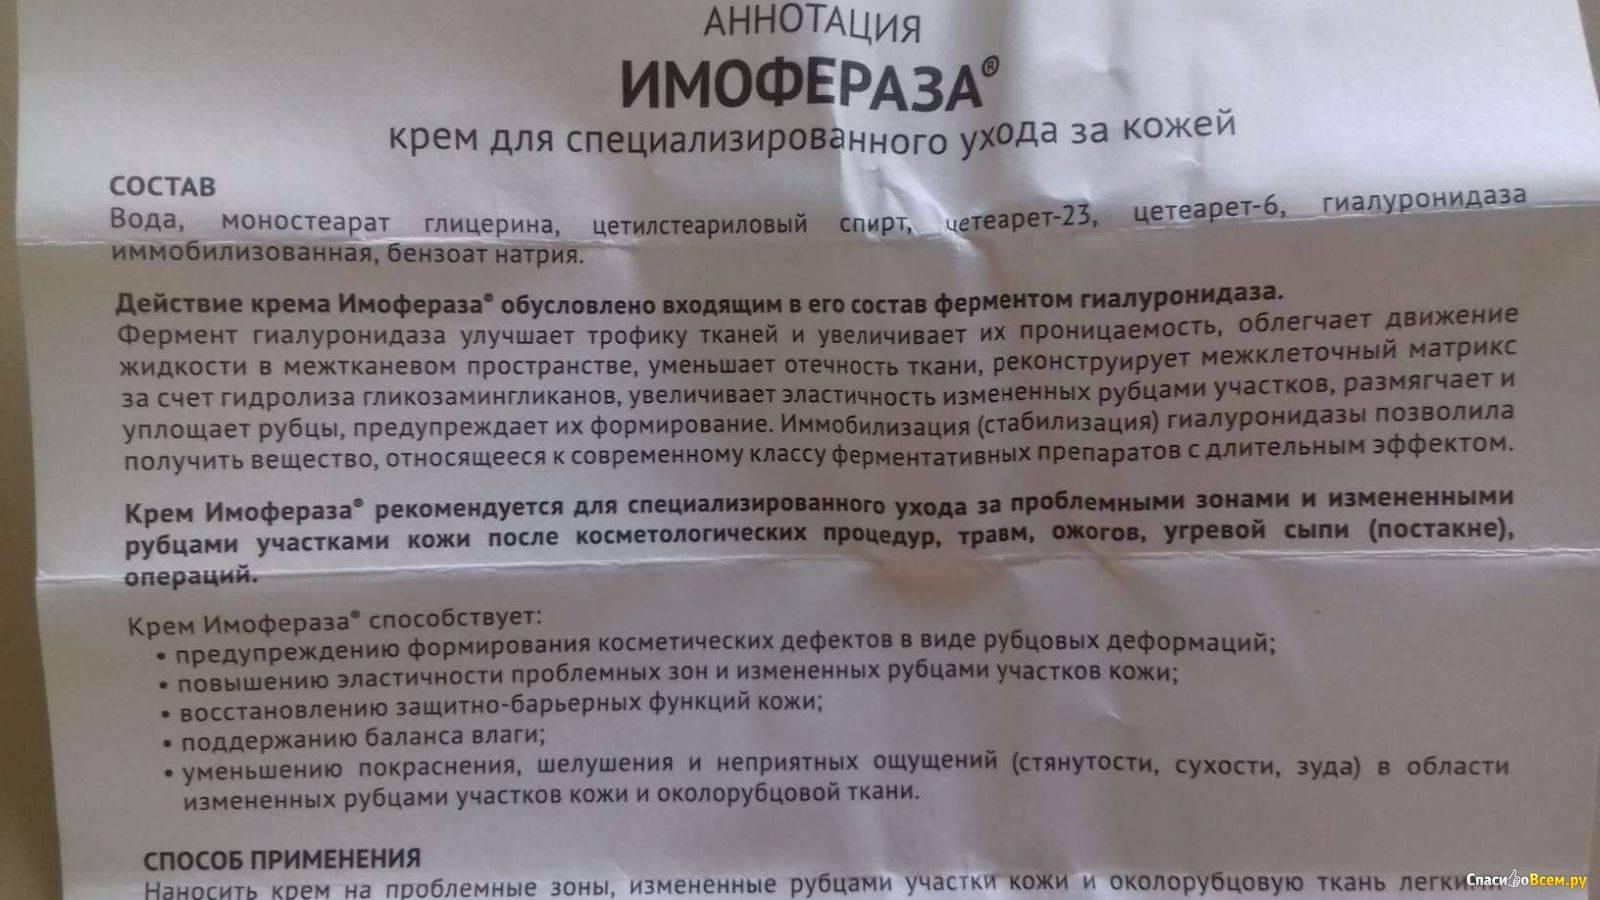 Инструкция по применению геля и крема скинорен, показания для использования